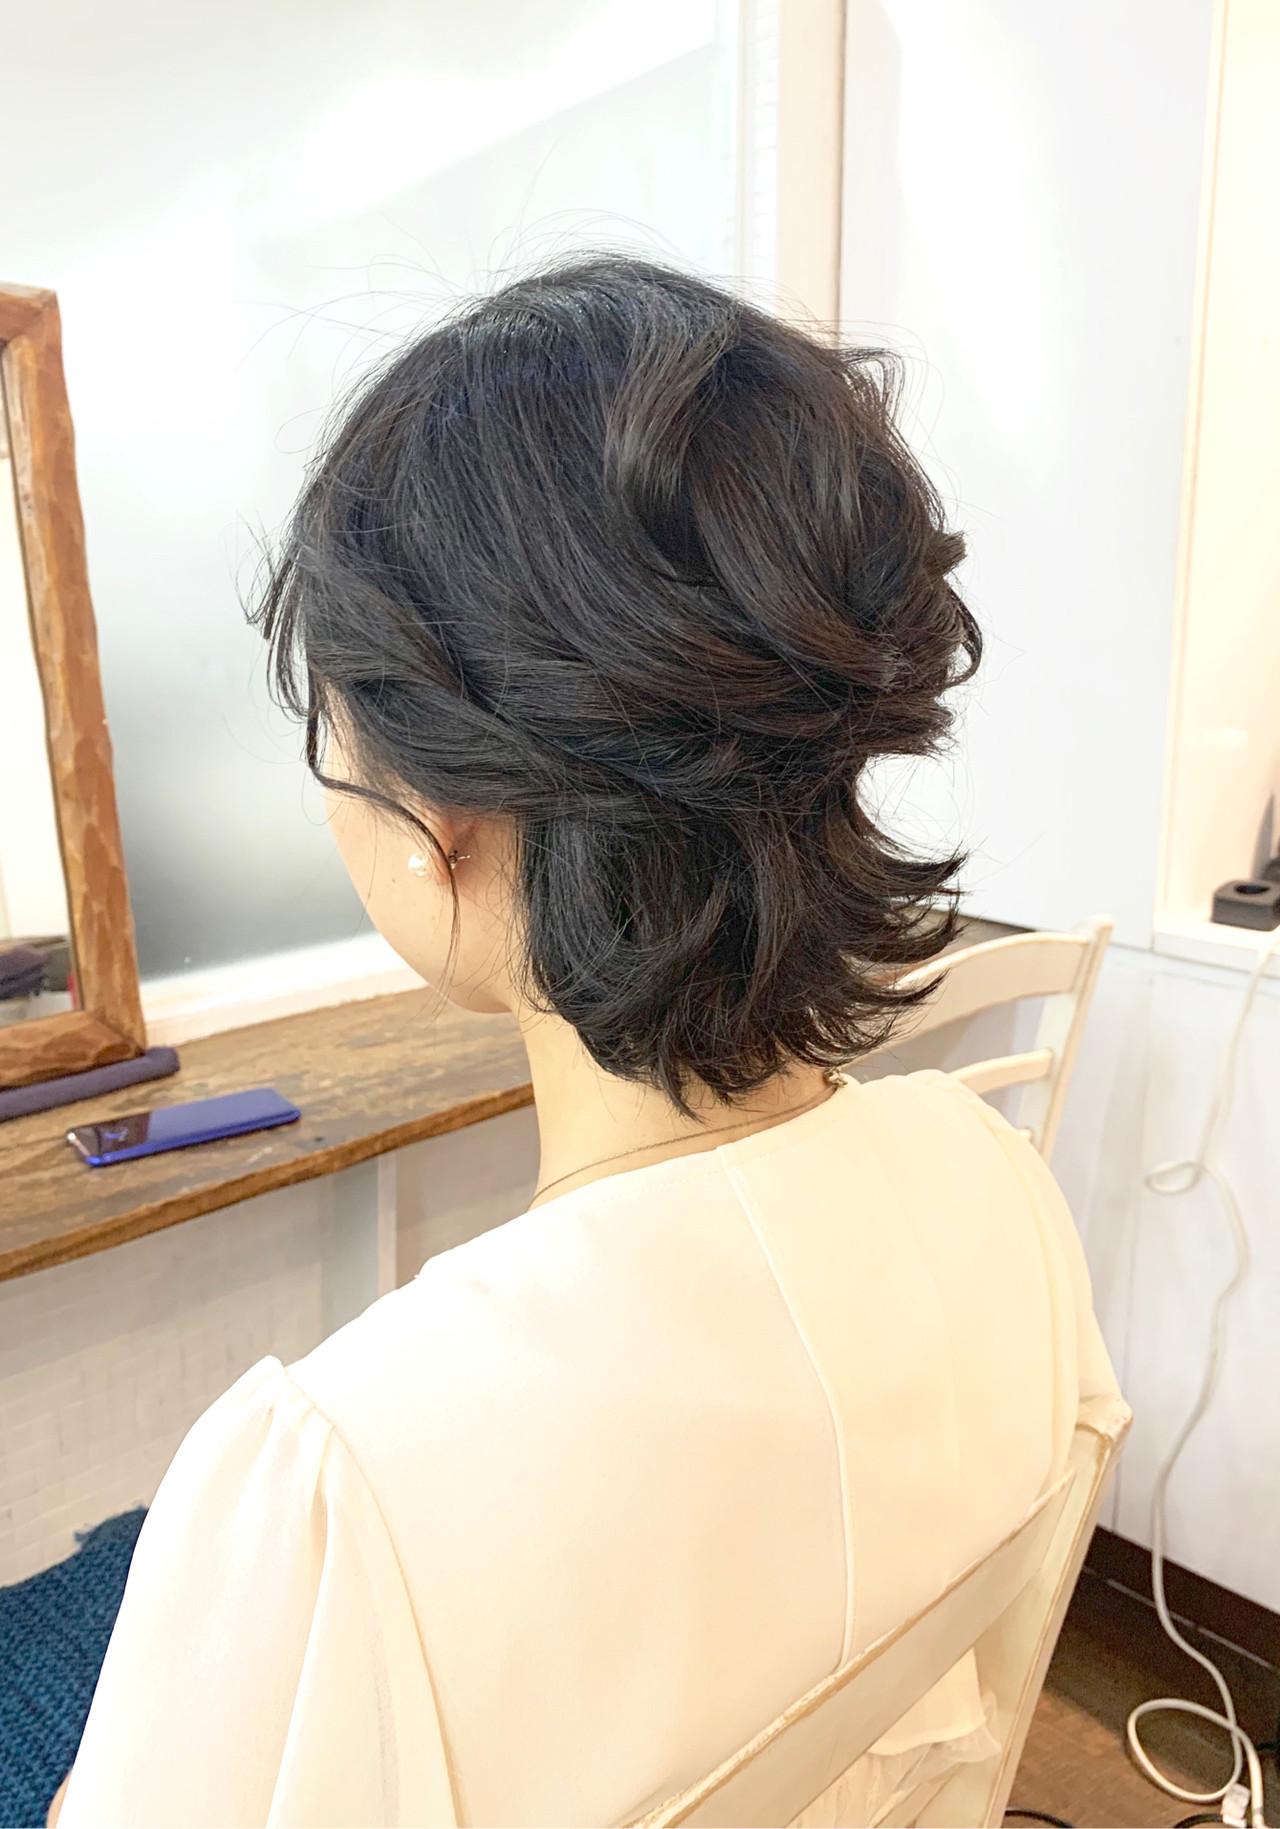 ハーフアップ ナチュラル ラフ 結婚式 ヘアスタイルや髪型の写真・画像 | Chie Ogusu / Hair and Make Chie Ogusu